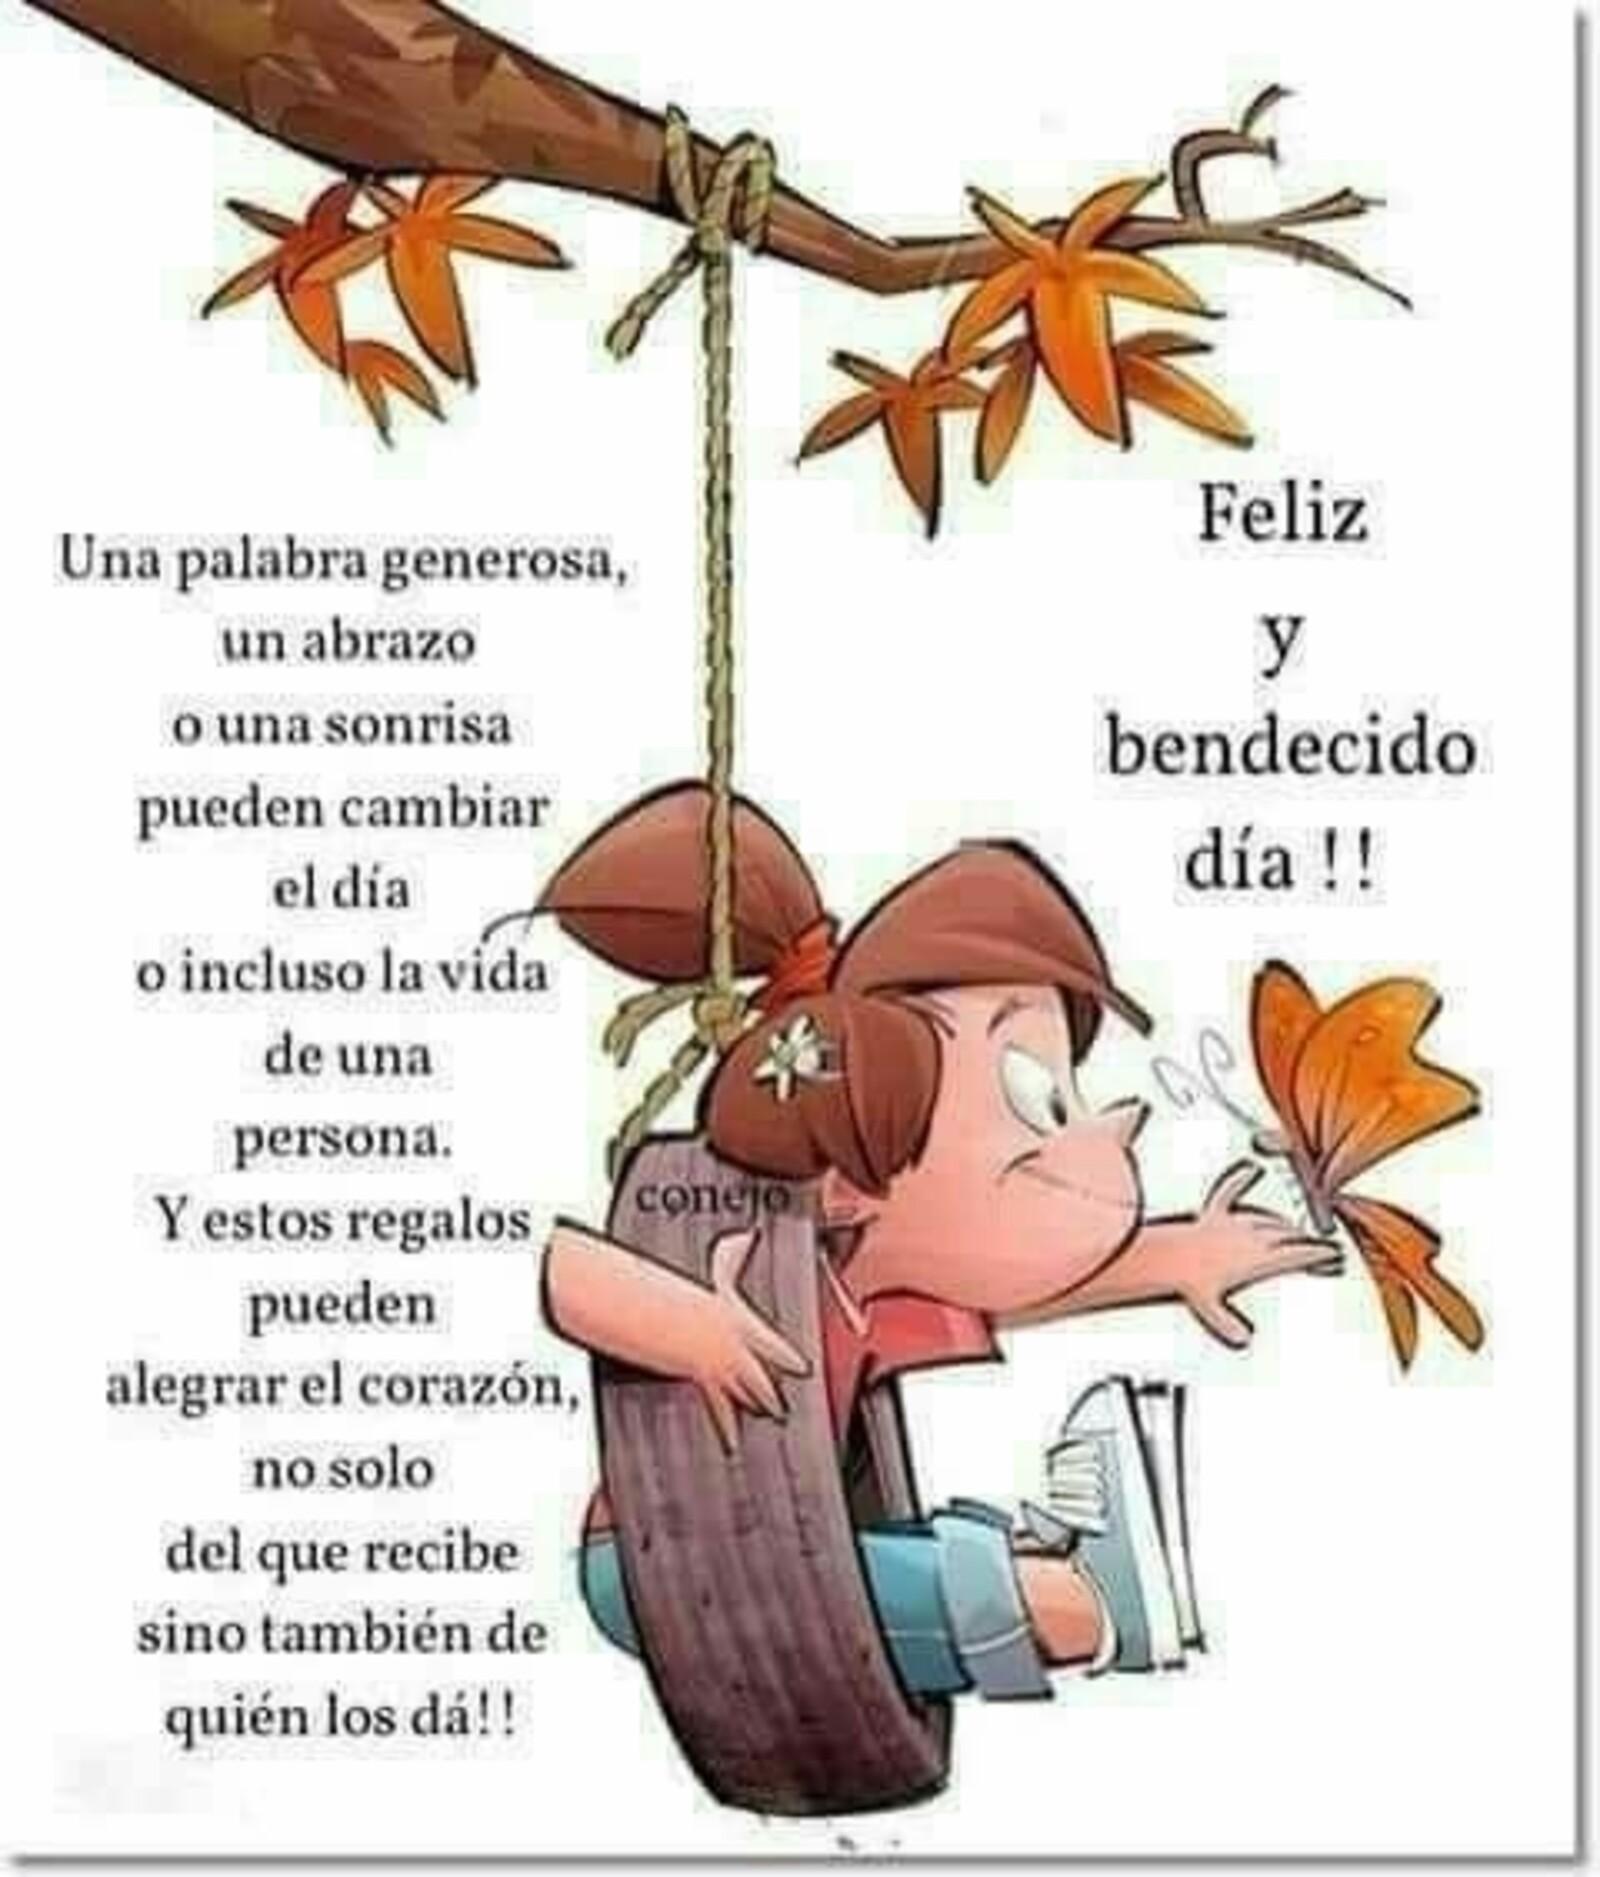 Feliz y bendecido día!!